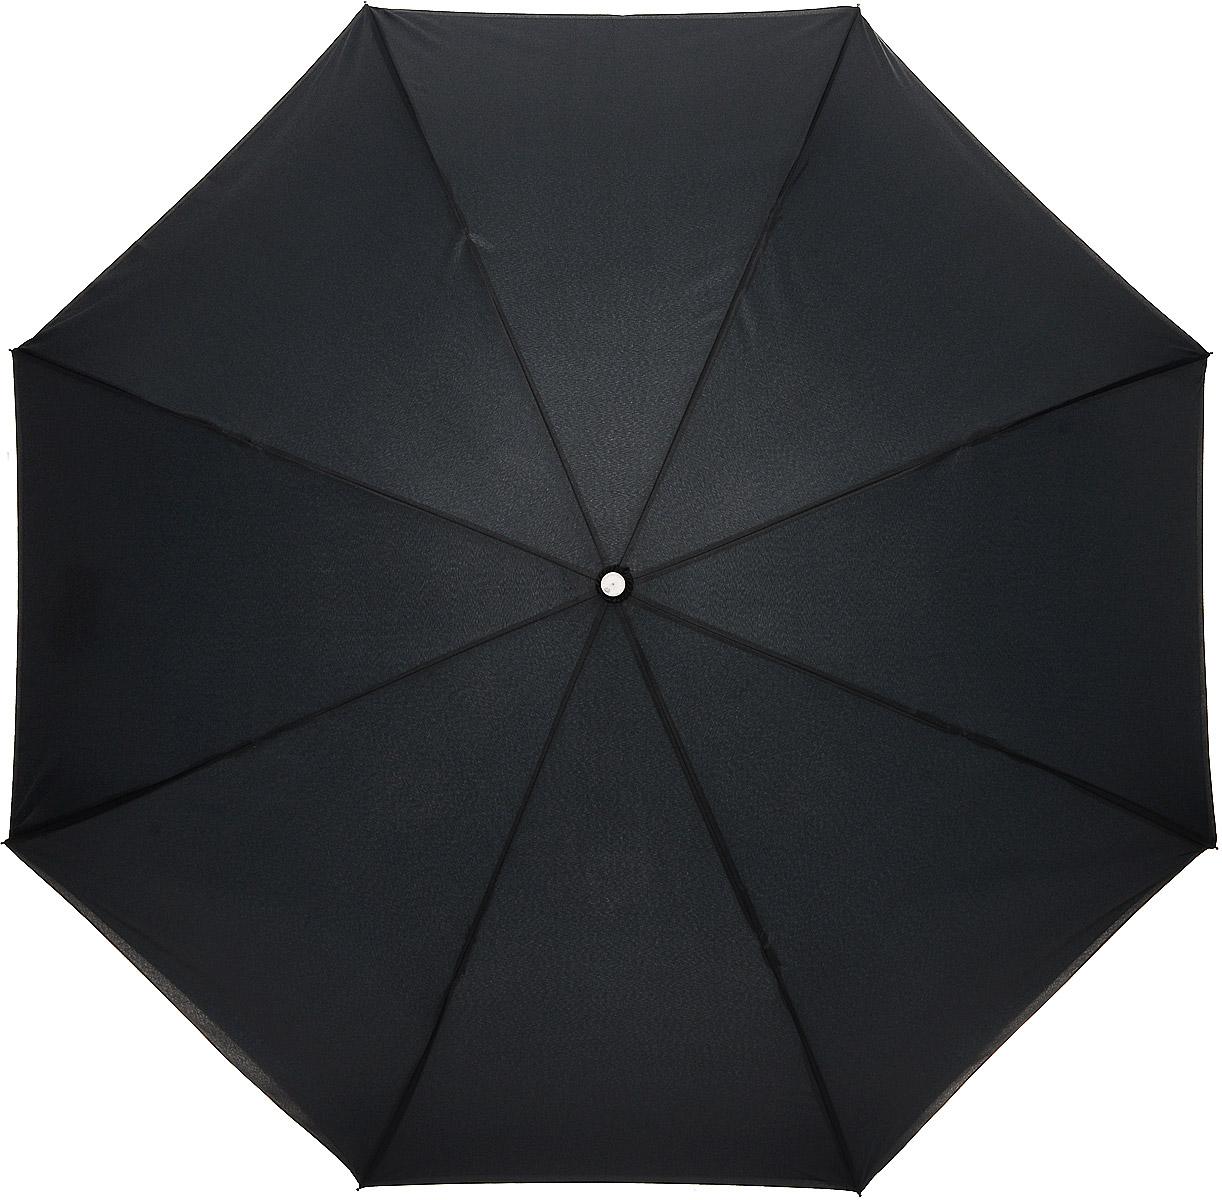 Зонт-трость женский Vera Victoria Vito, механика, цвет: черный, красный. 20-701-3Колье (короткие одноярусные бусы)Оригинальный зонт-трость Vera Victoria Vito надежно защитит вас от дождя. Купол выполнен из полиэстера, который не пропускает воду. Внутренняя поверхность зонта оформлена декоративной перфорацией. Каркас зонта и спицы выполнены из высококачественного металла.Удобная ручка выполнена из пластика. Зонт имеет механический тип сложения: открывается и закрывается при нажатии на кнопку. Зонт складывается внутренней стороной наружу, избавляя владельца от контакта с мокрой поверхностью.